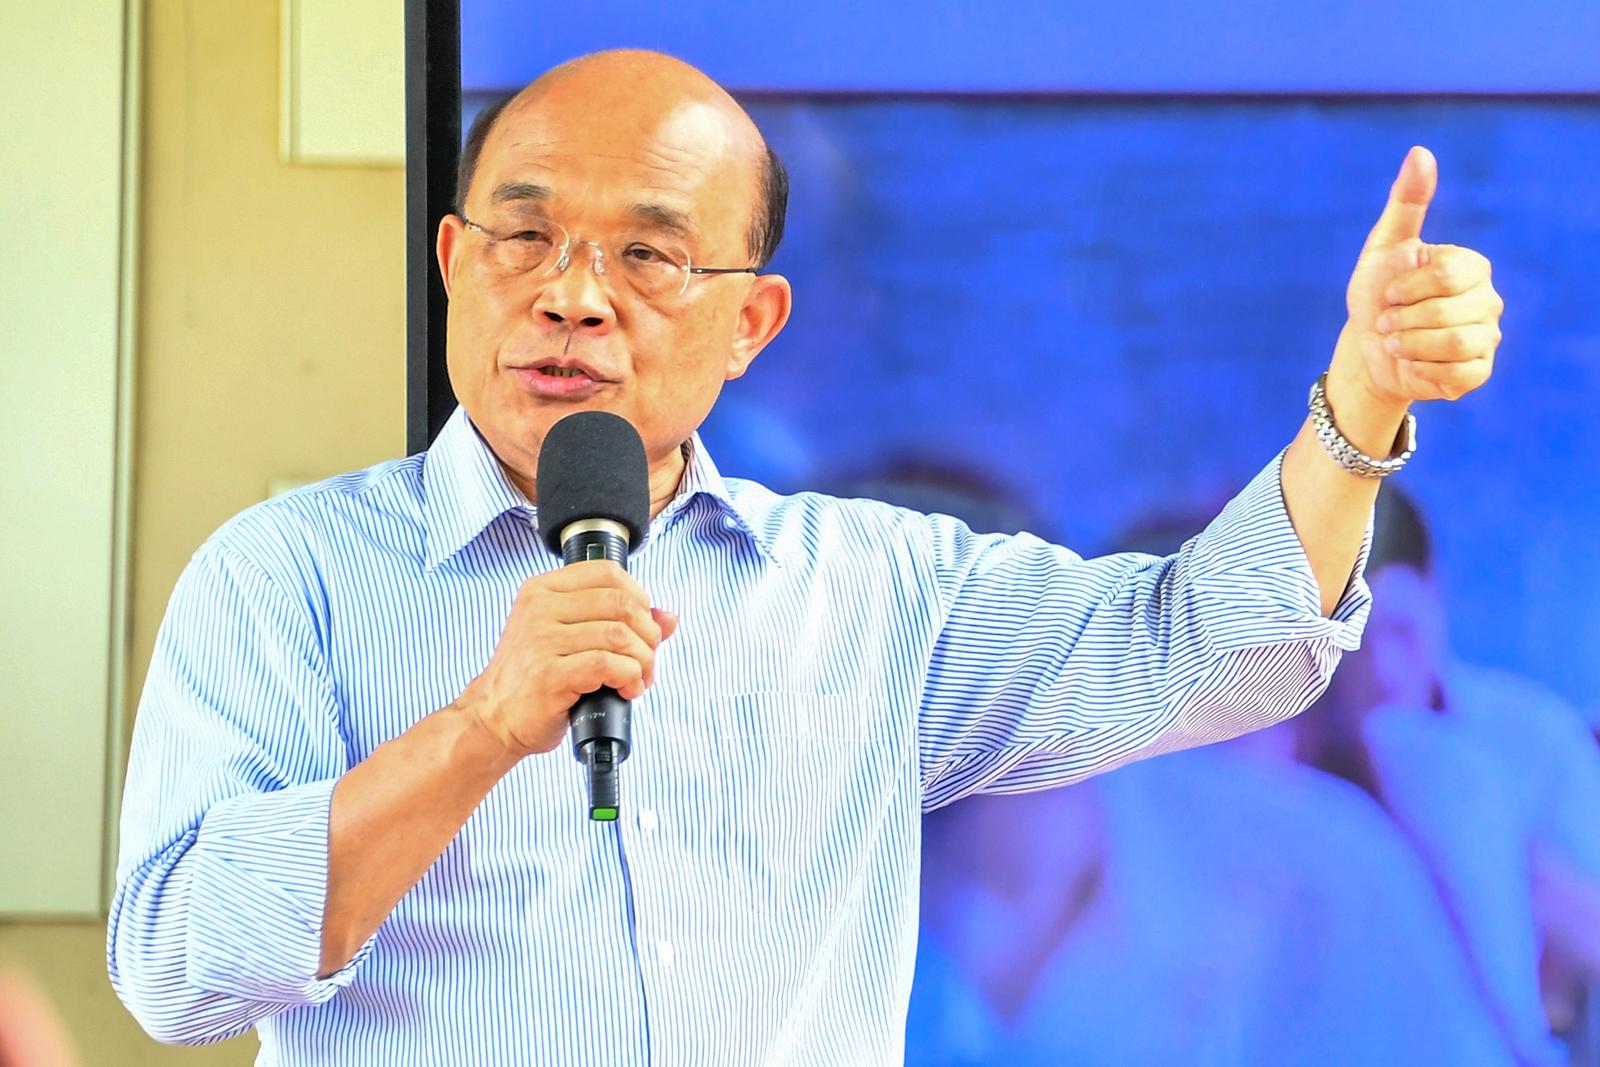 2020年7月7日,行政院長蘇貞昌:從「港版國安法」可以看到,台灣一直堅持主權、堅持安全是多麼的重要。(行政院提供)